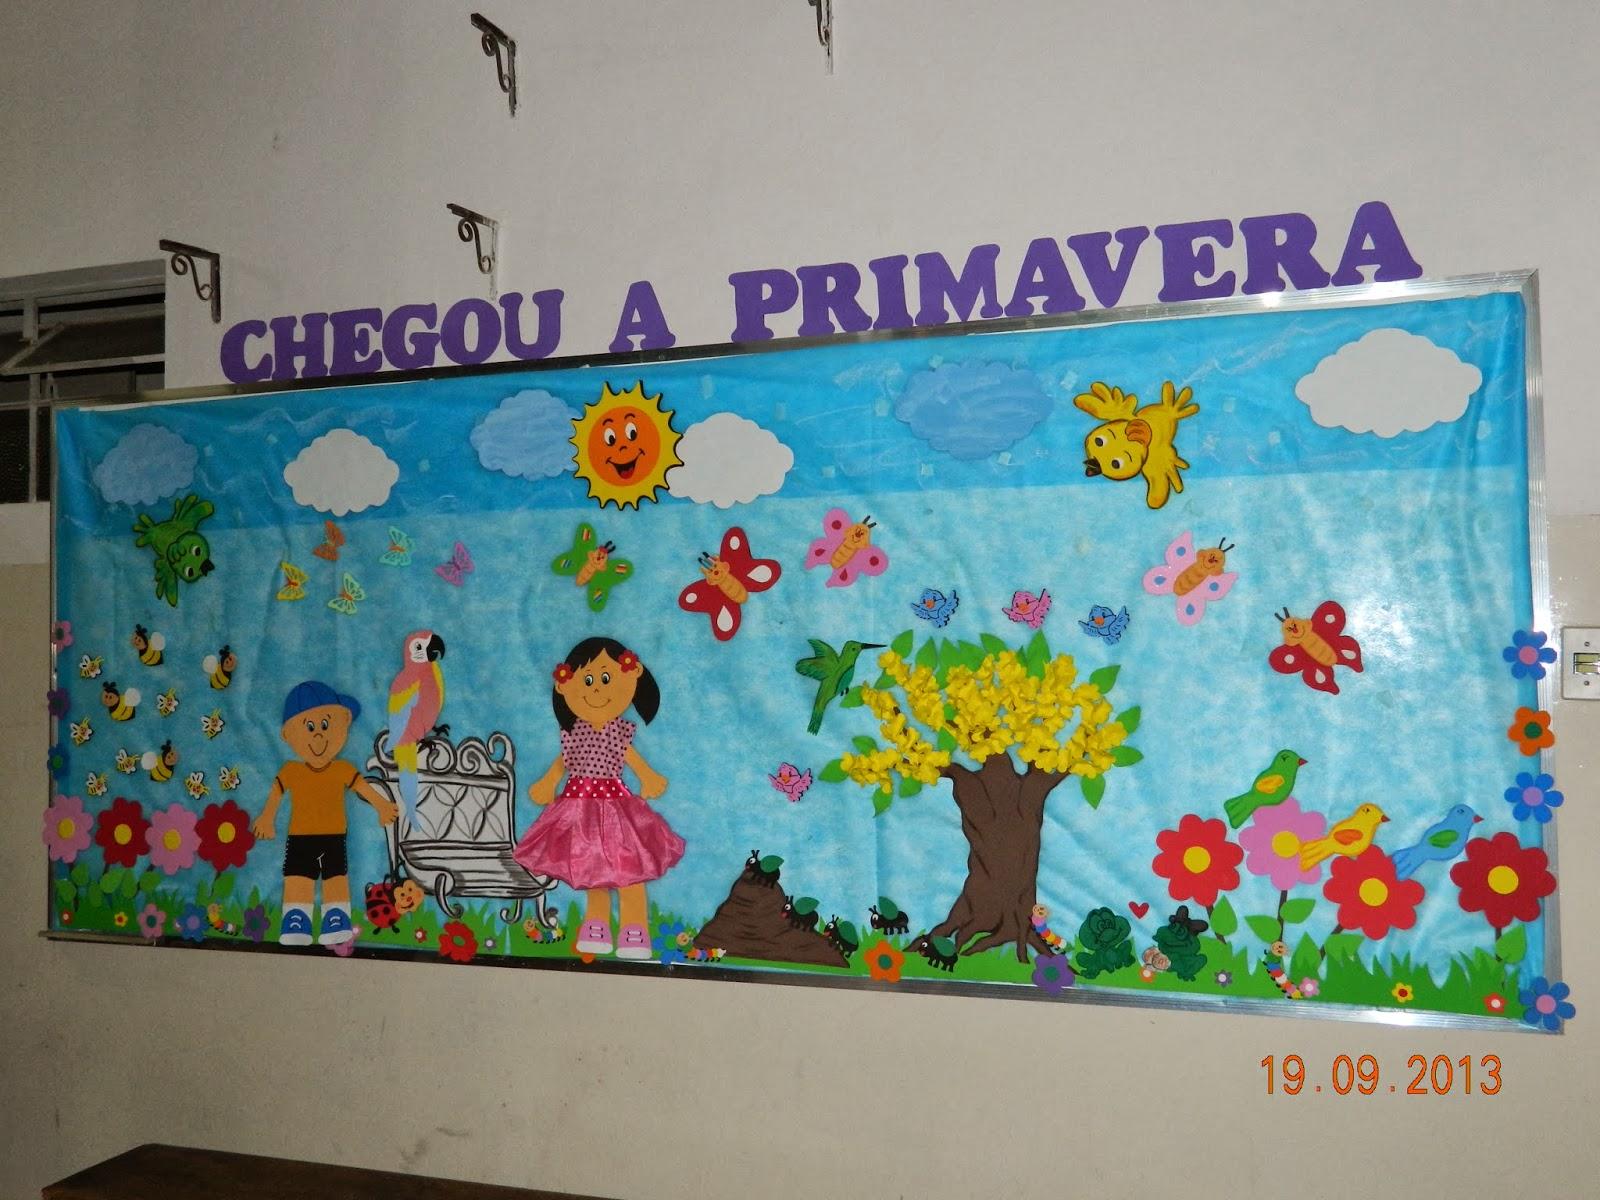 Educa o infantil o futuro est em nossas m os ideia for Mural sobre o meio ambiente